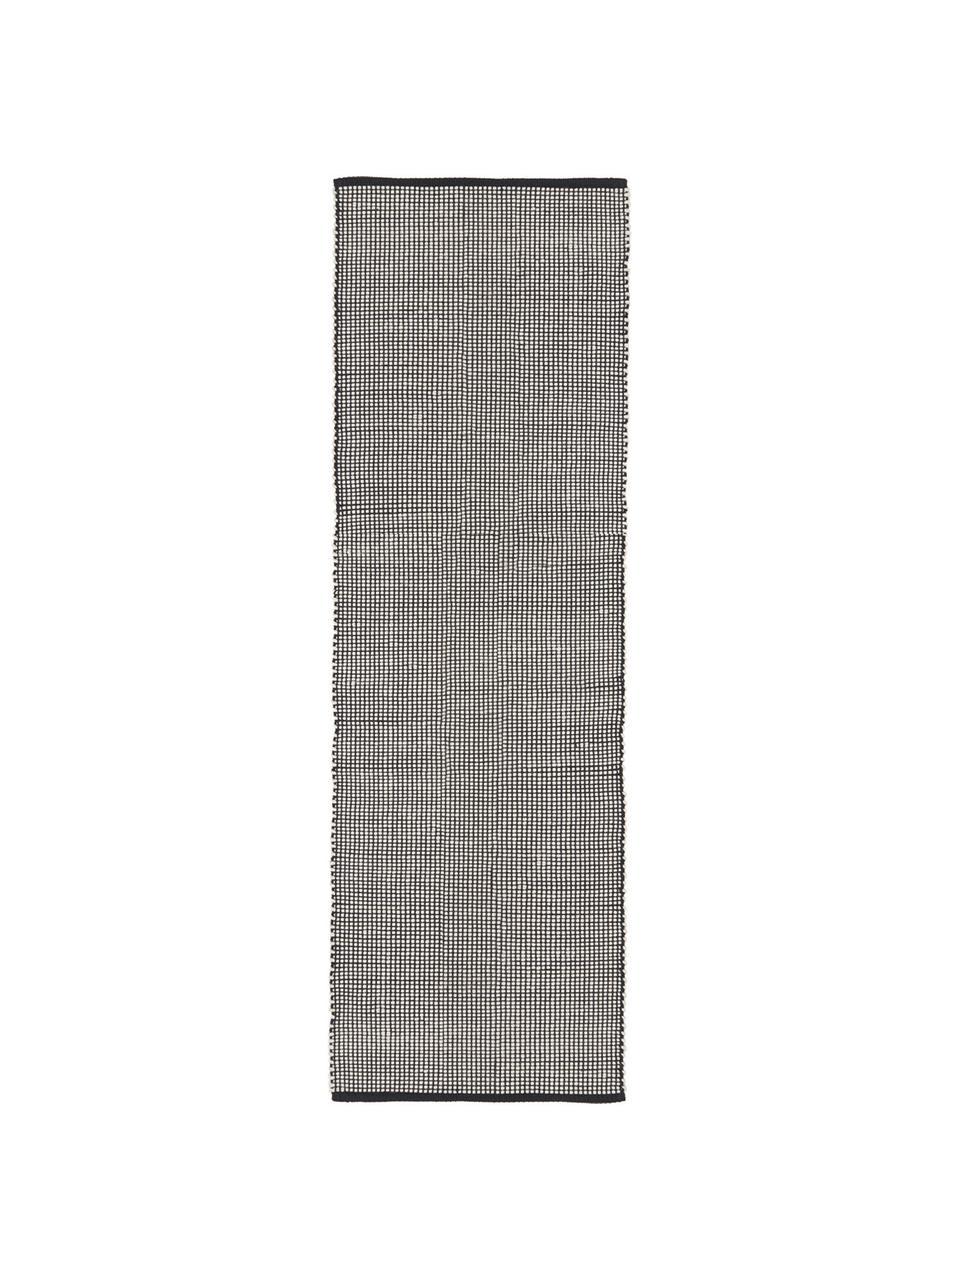 Handgewebter Wollläufer Amaro in Schwarz/Creme, 38% Wolle, 22% Polyester, 20% Baumwolle, 20% Polyamid, Schwarz, Cremeweiß, 80 x 250 cm